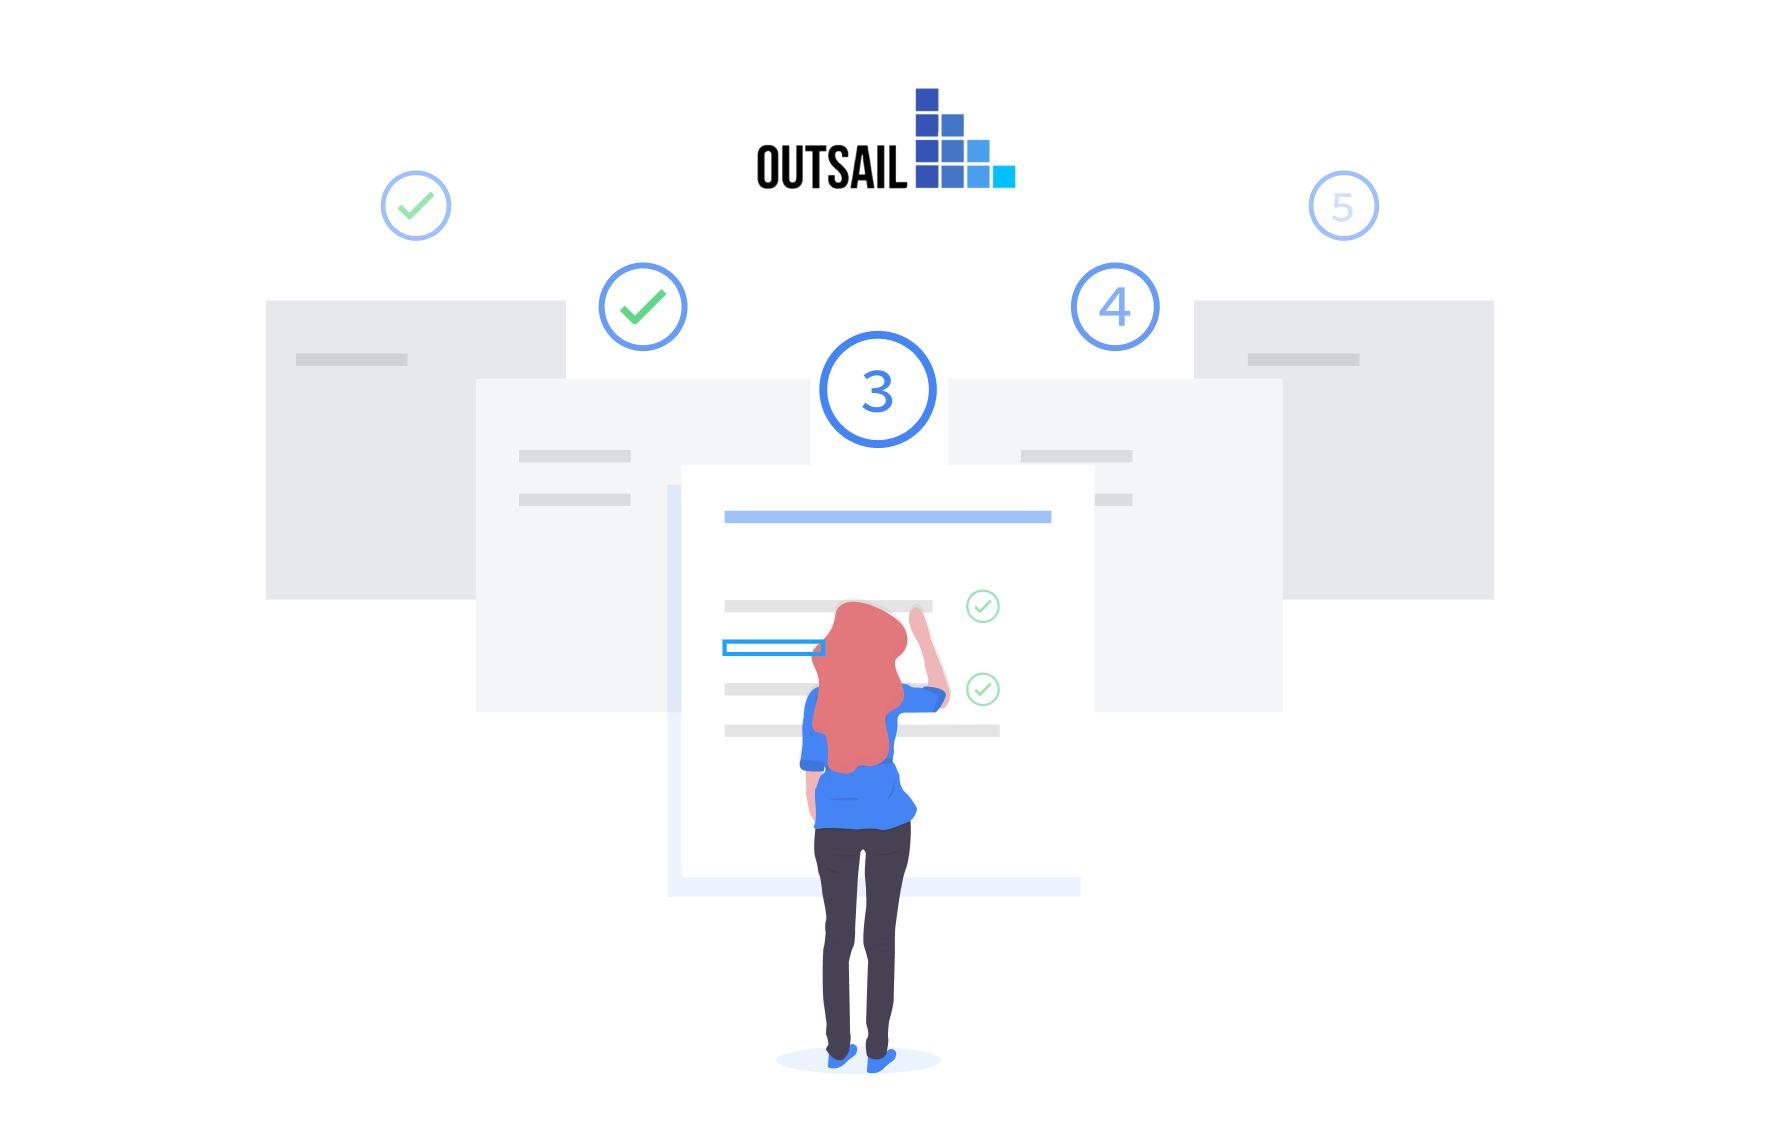 outsail